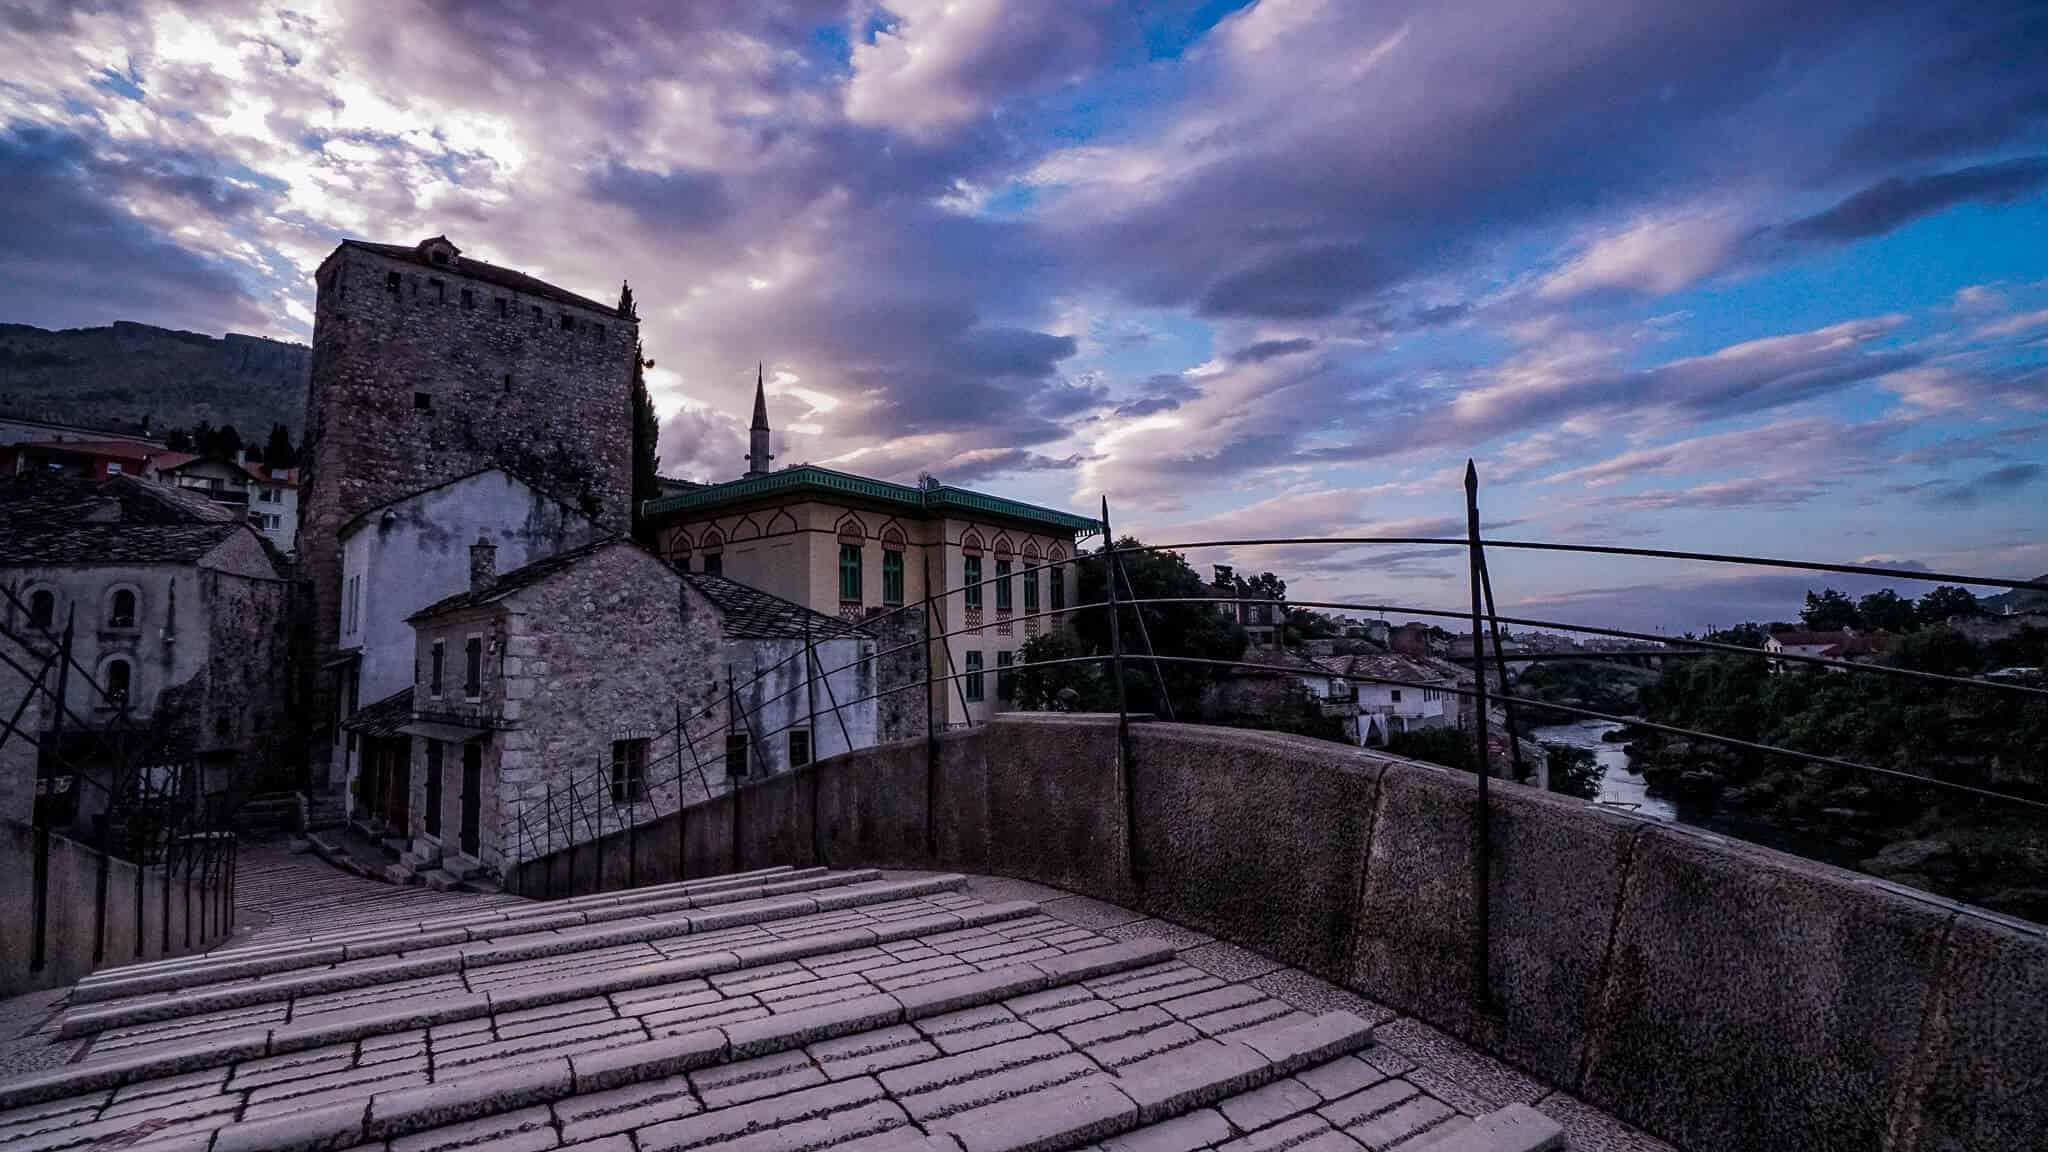 Auf der Stari Most Mostar